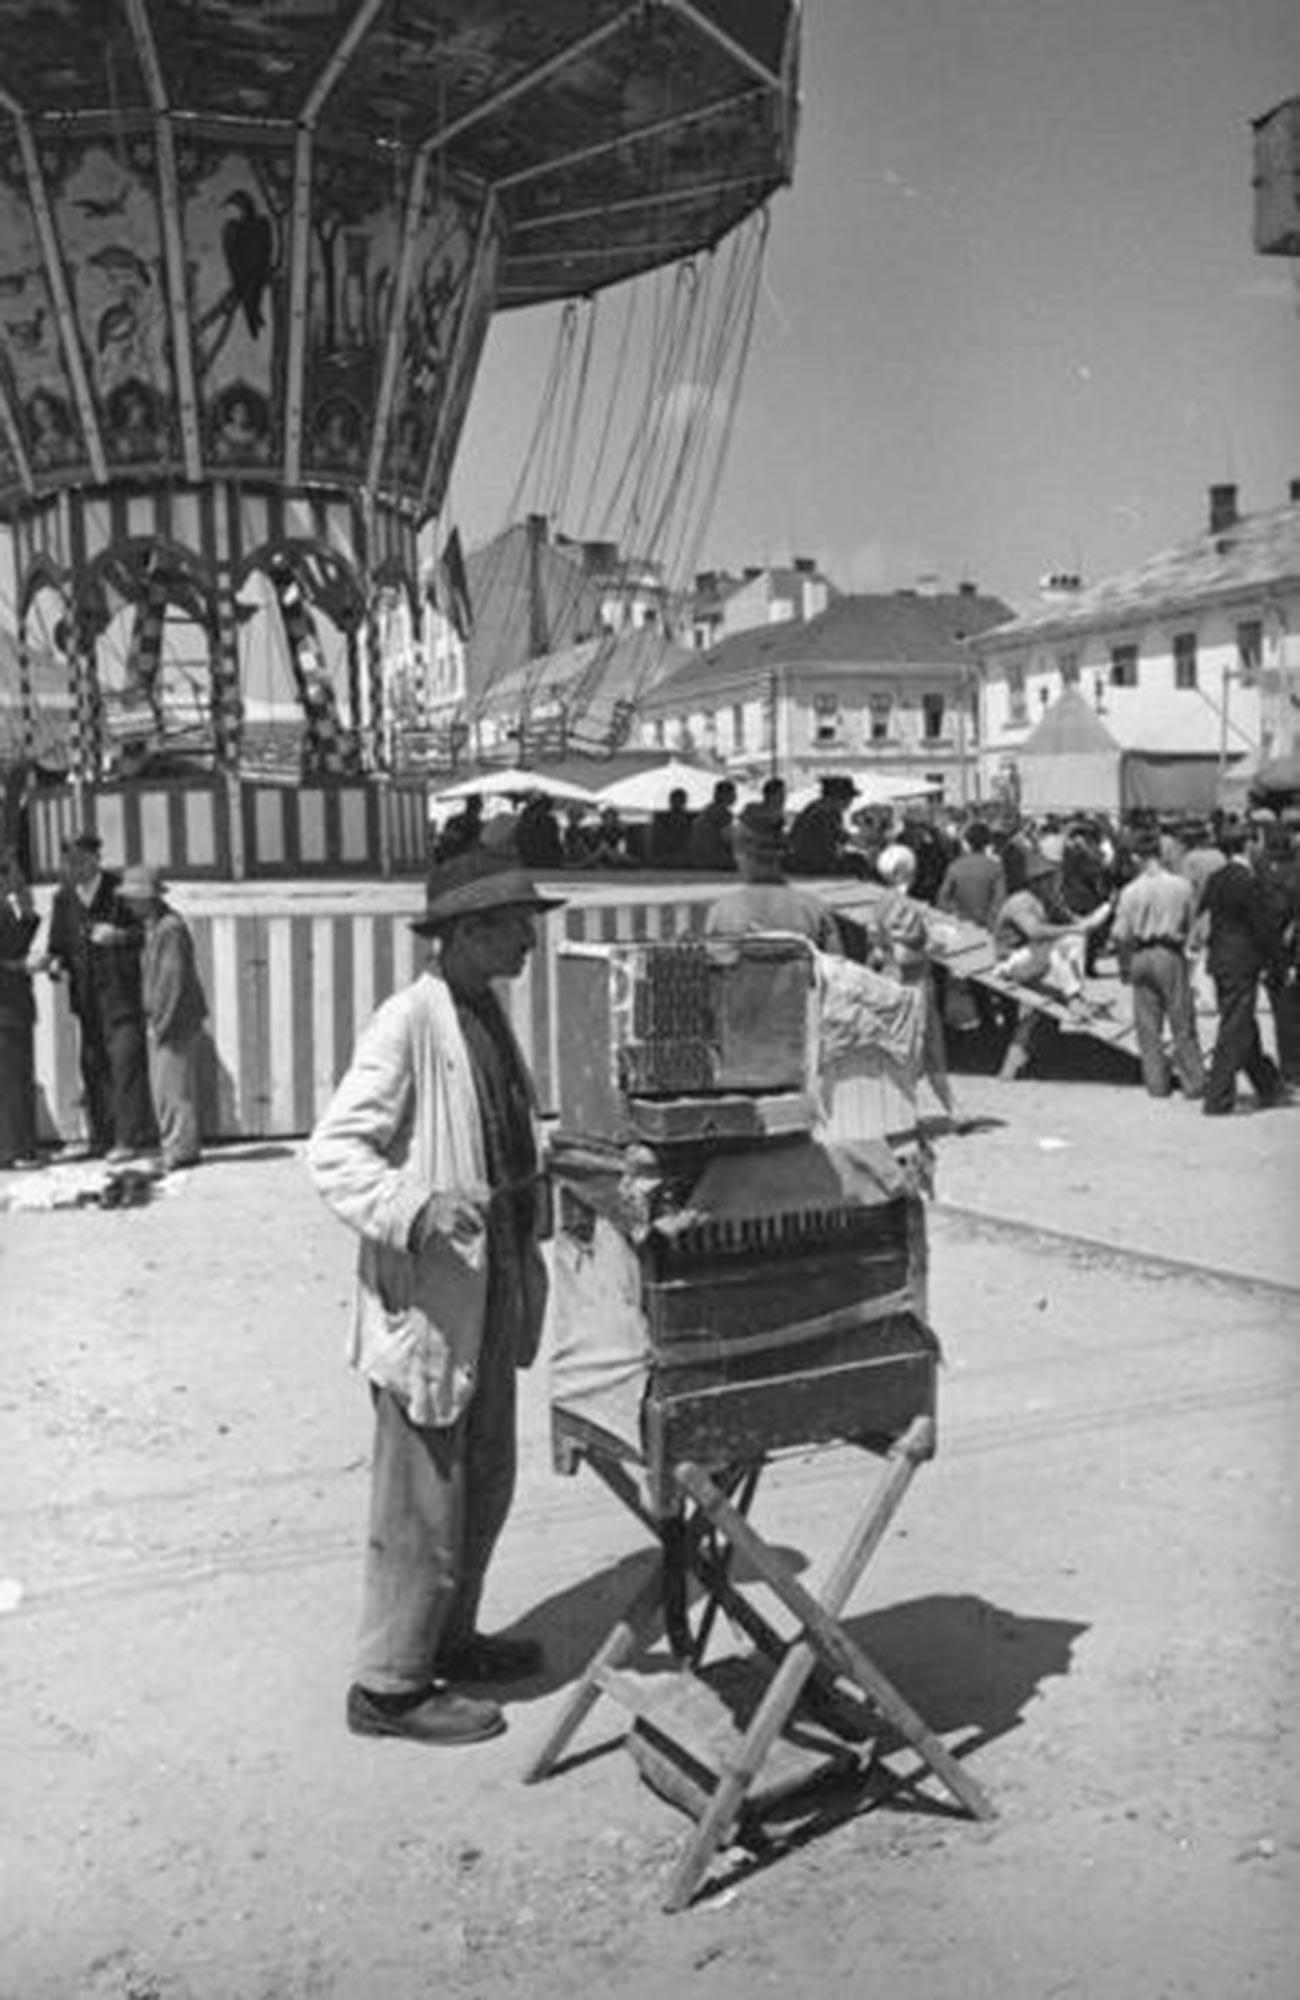 Molino de órgano en una feria en la ciudad de Chernivtsi, 1940.